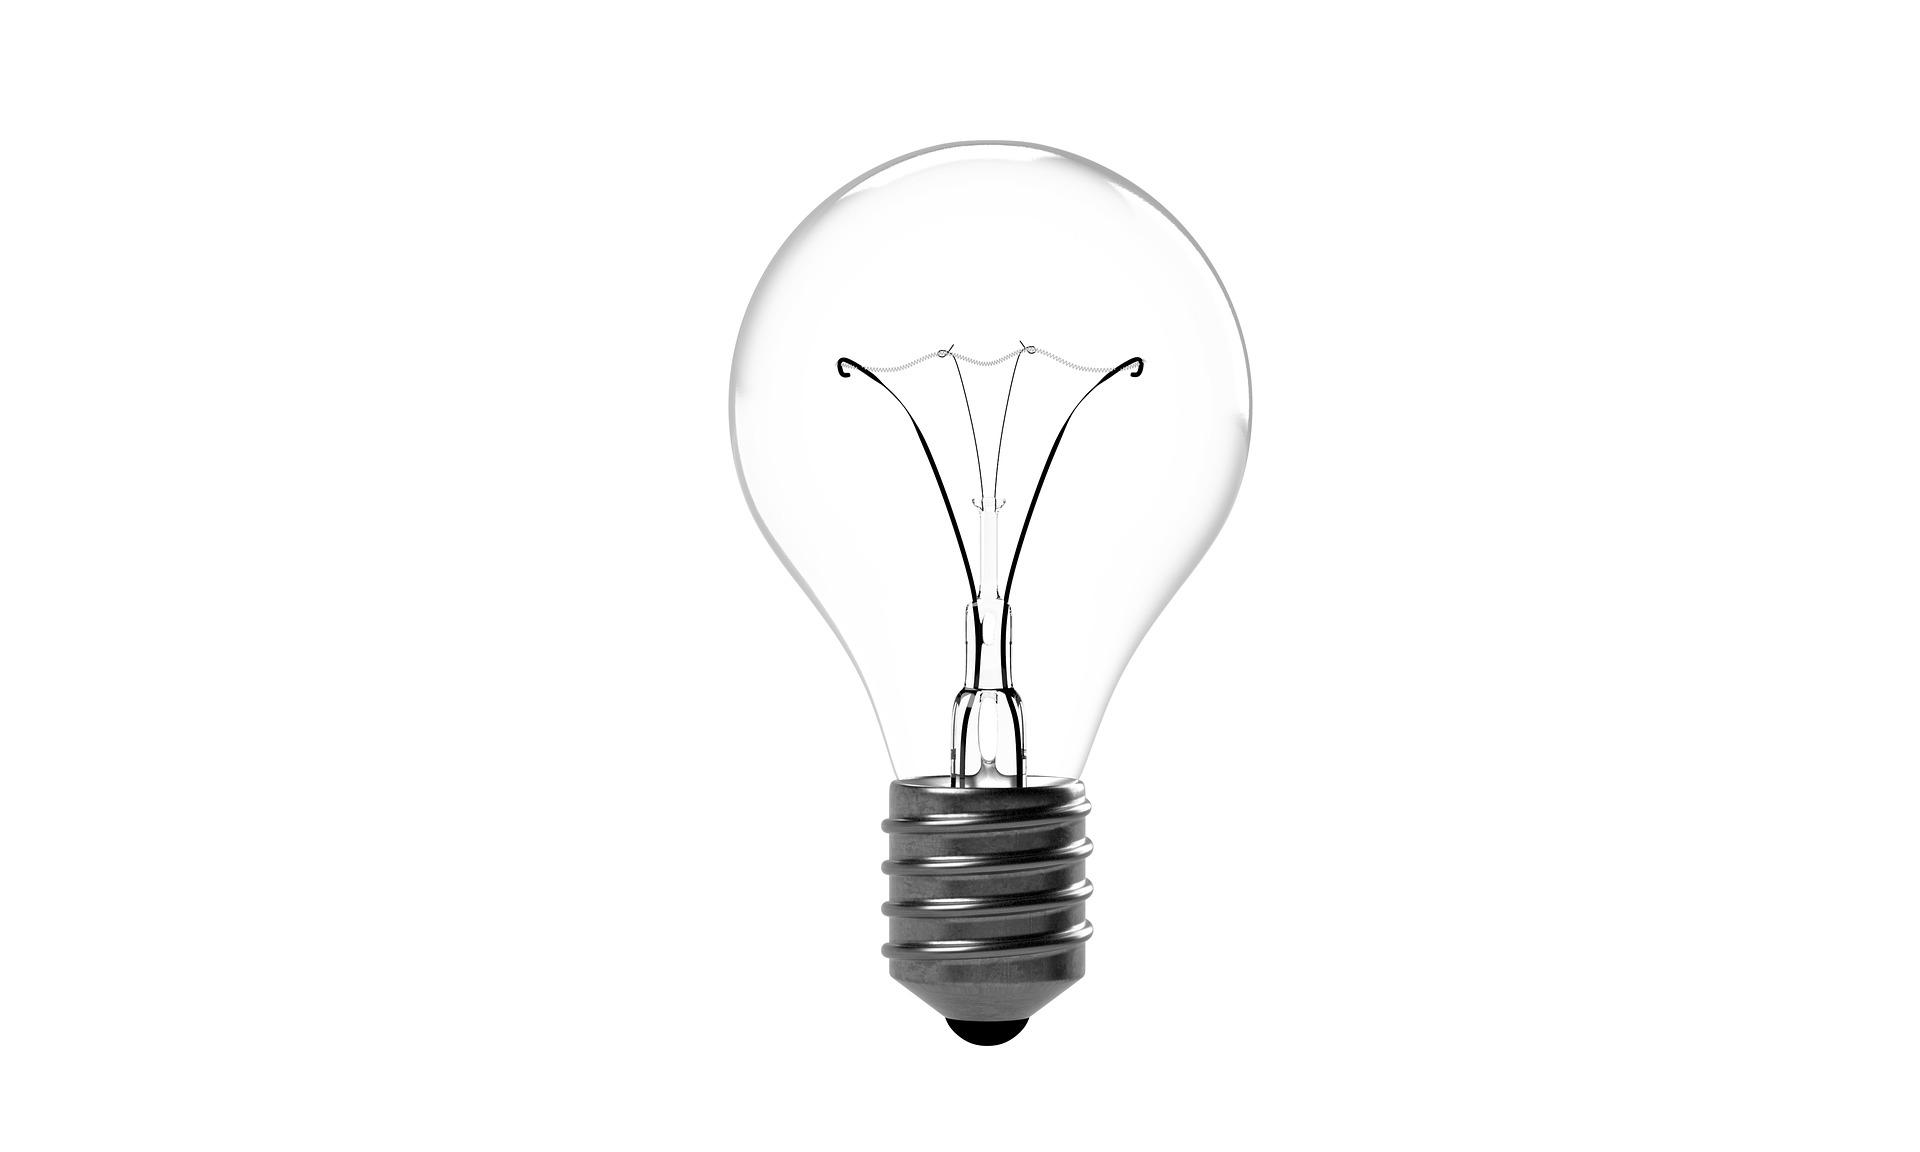 lightbulb-1875255_1920